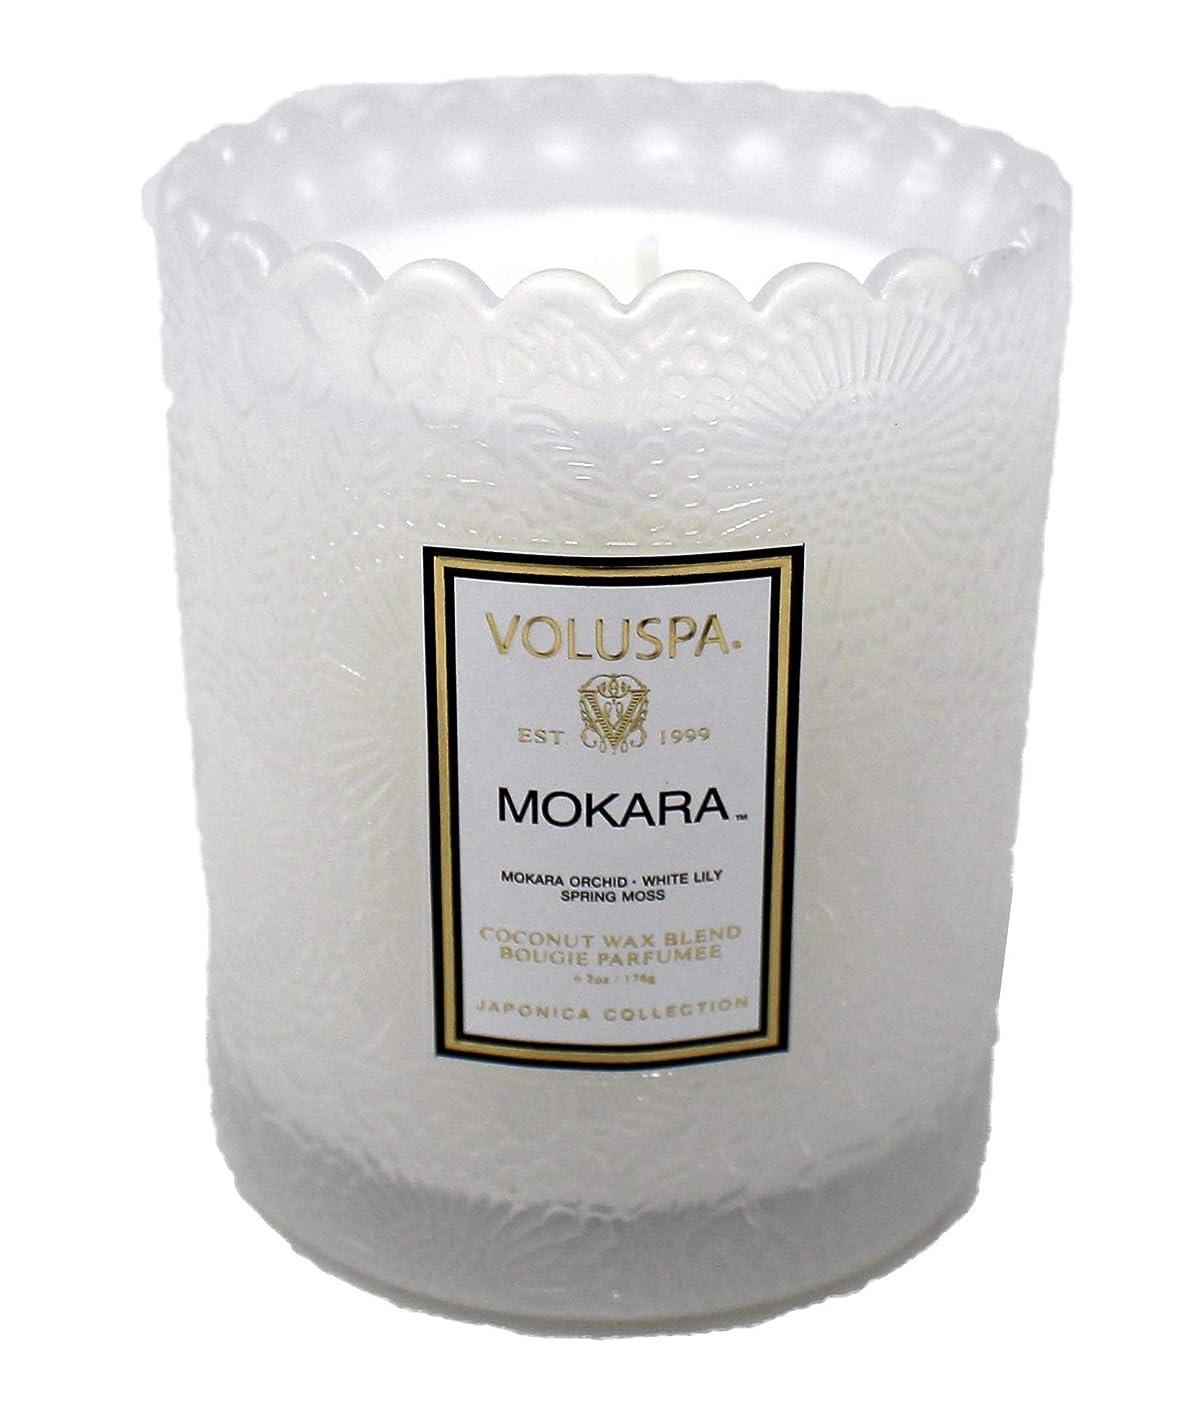 ナイロンラインナップかなりVoluspa ボルスパ ジャポニカ スカラップグラスキャンドル モカラ JAPONICA Glass Candle MOKARA